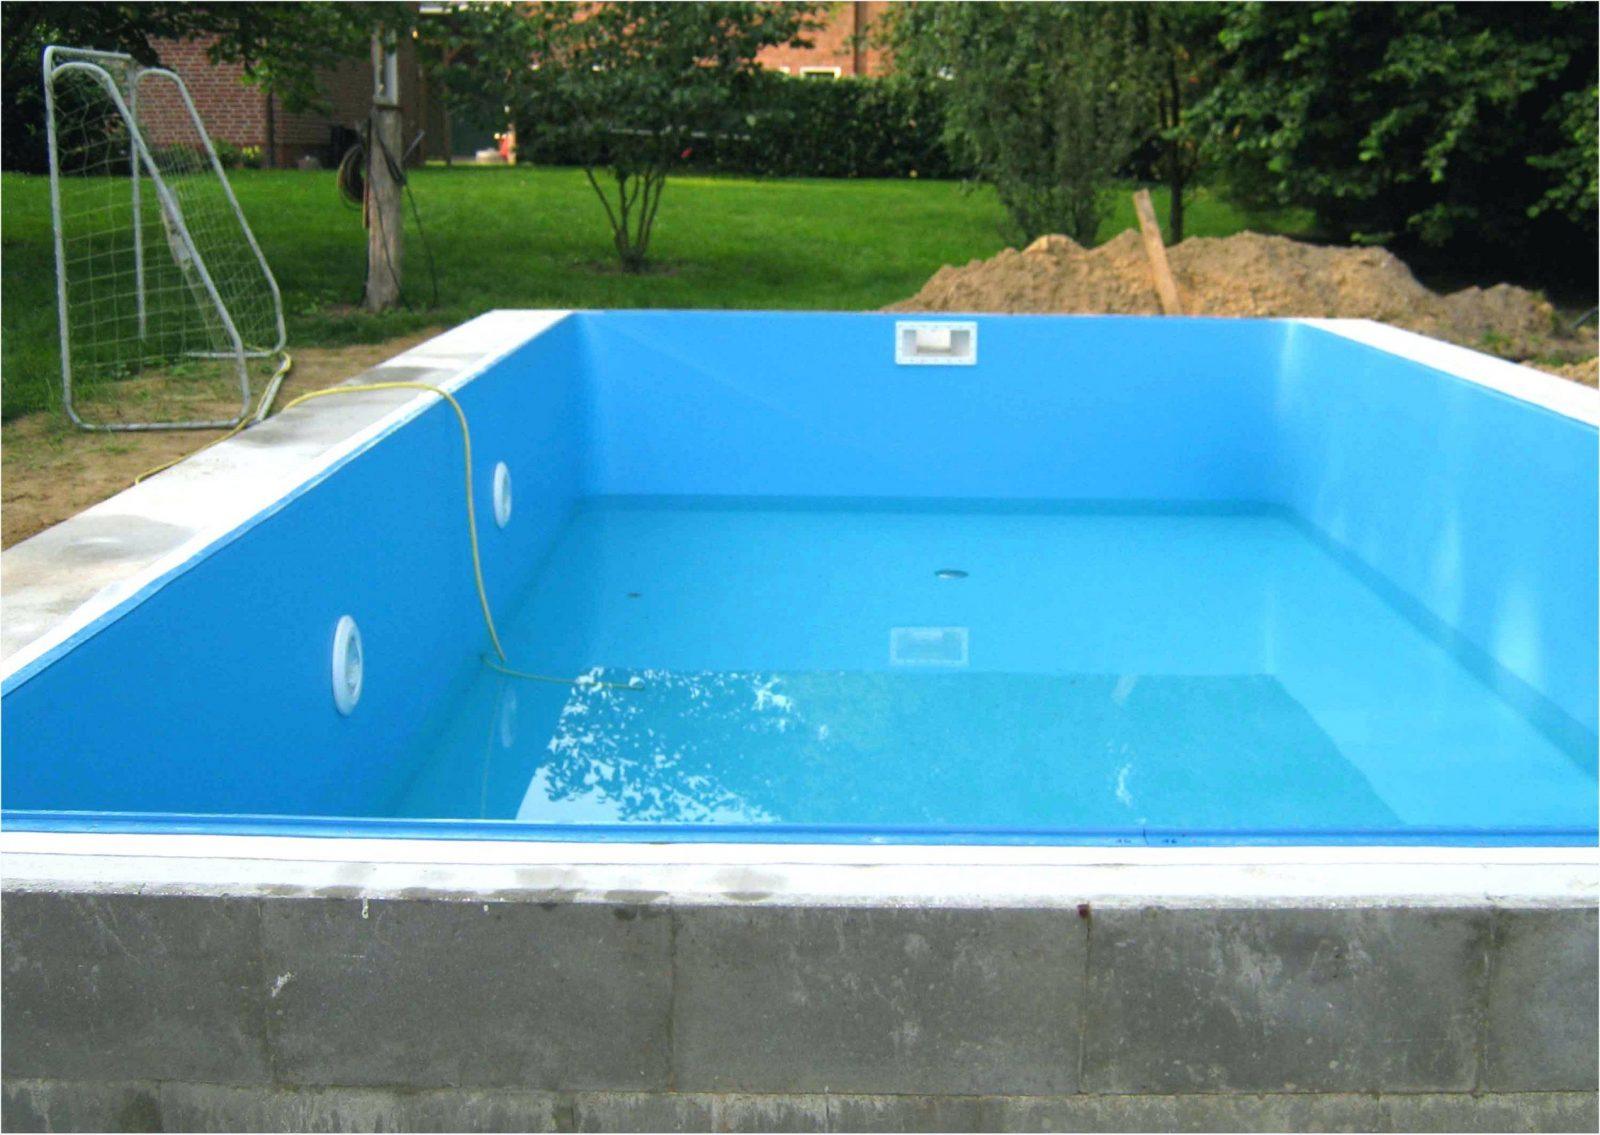 Schwimmbad Selber Bauen Stilvolle Rv23 Hitoiro Pool Garten Kosten von Pool Aus Paletten Bauen Bild